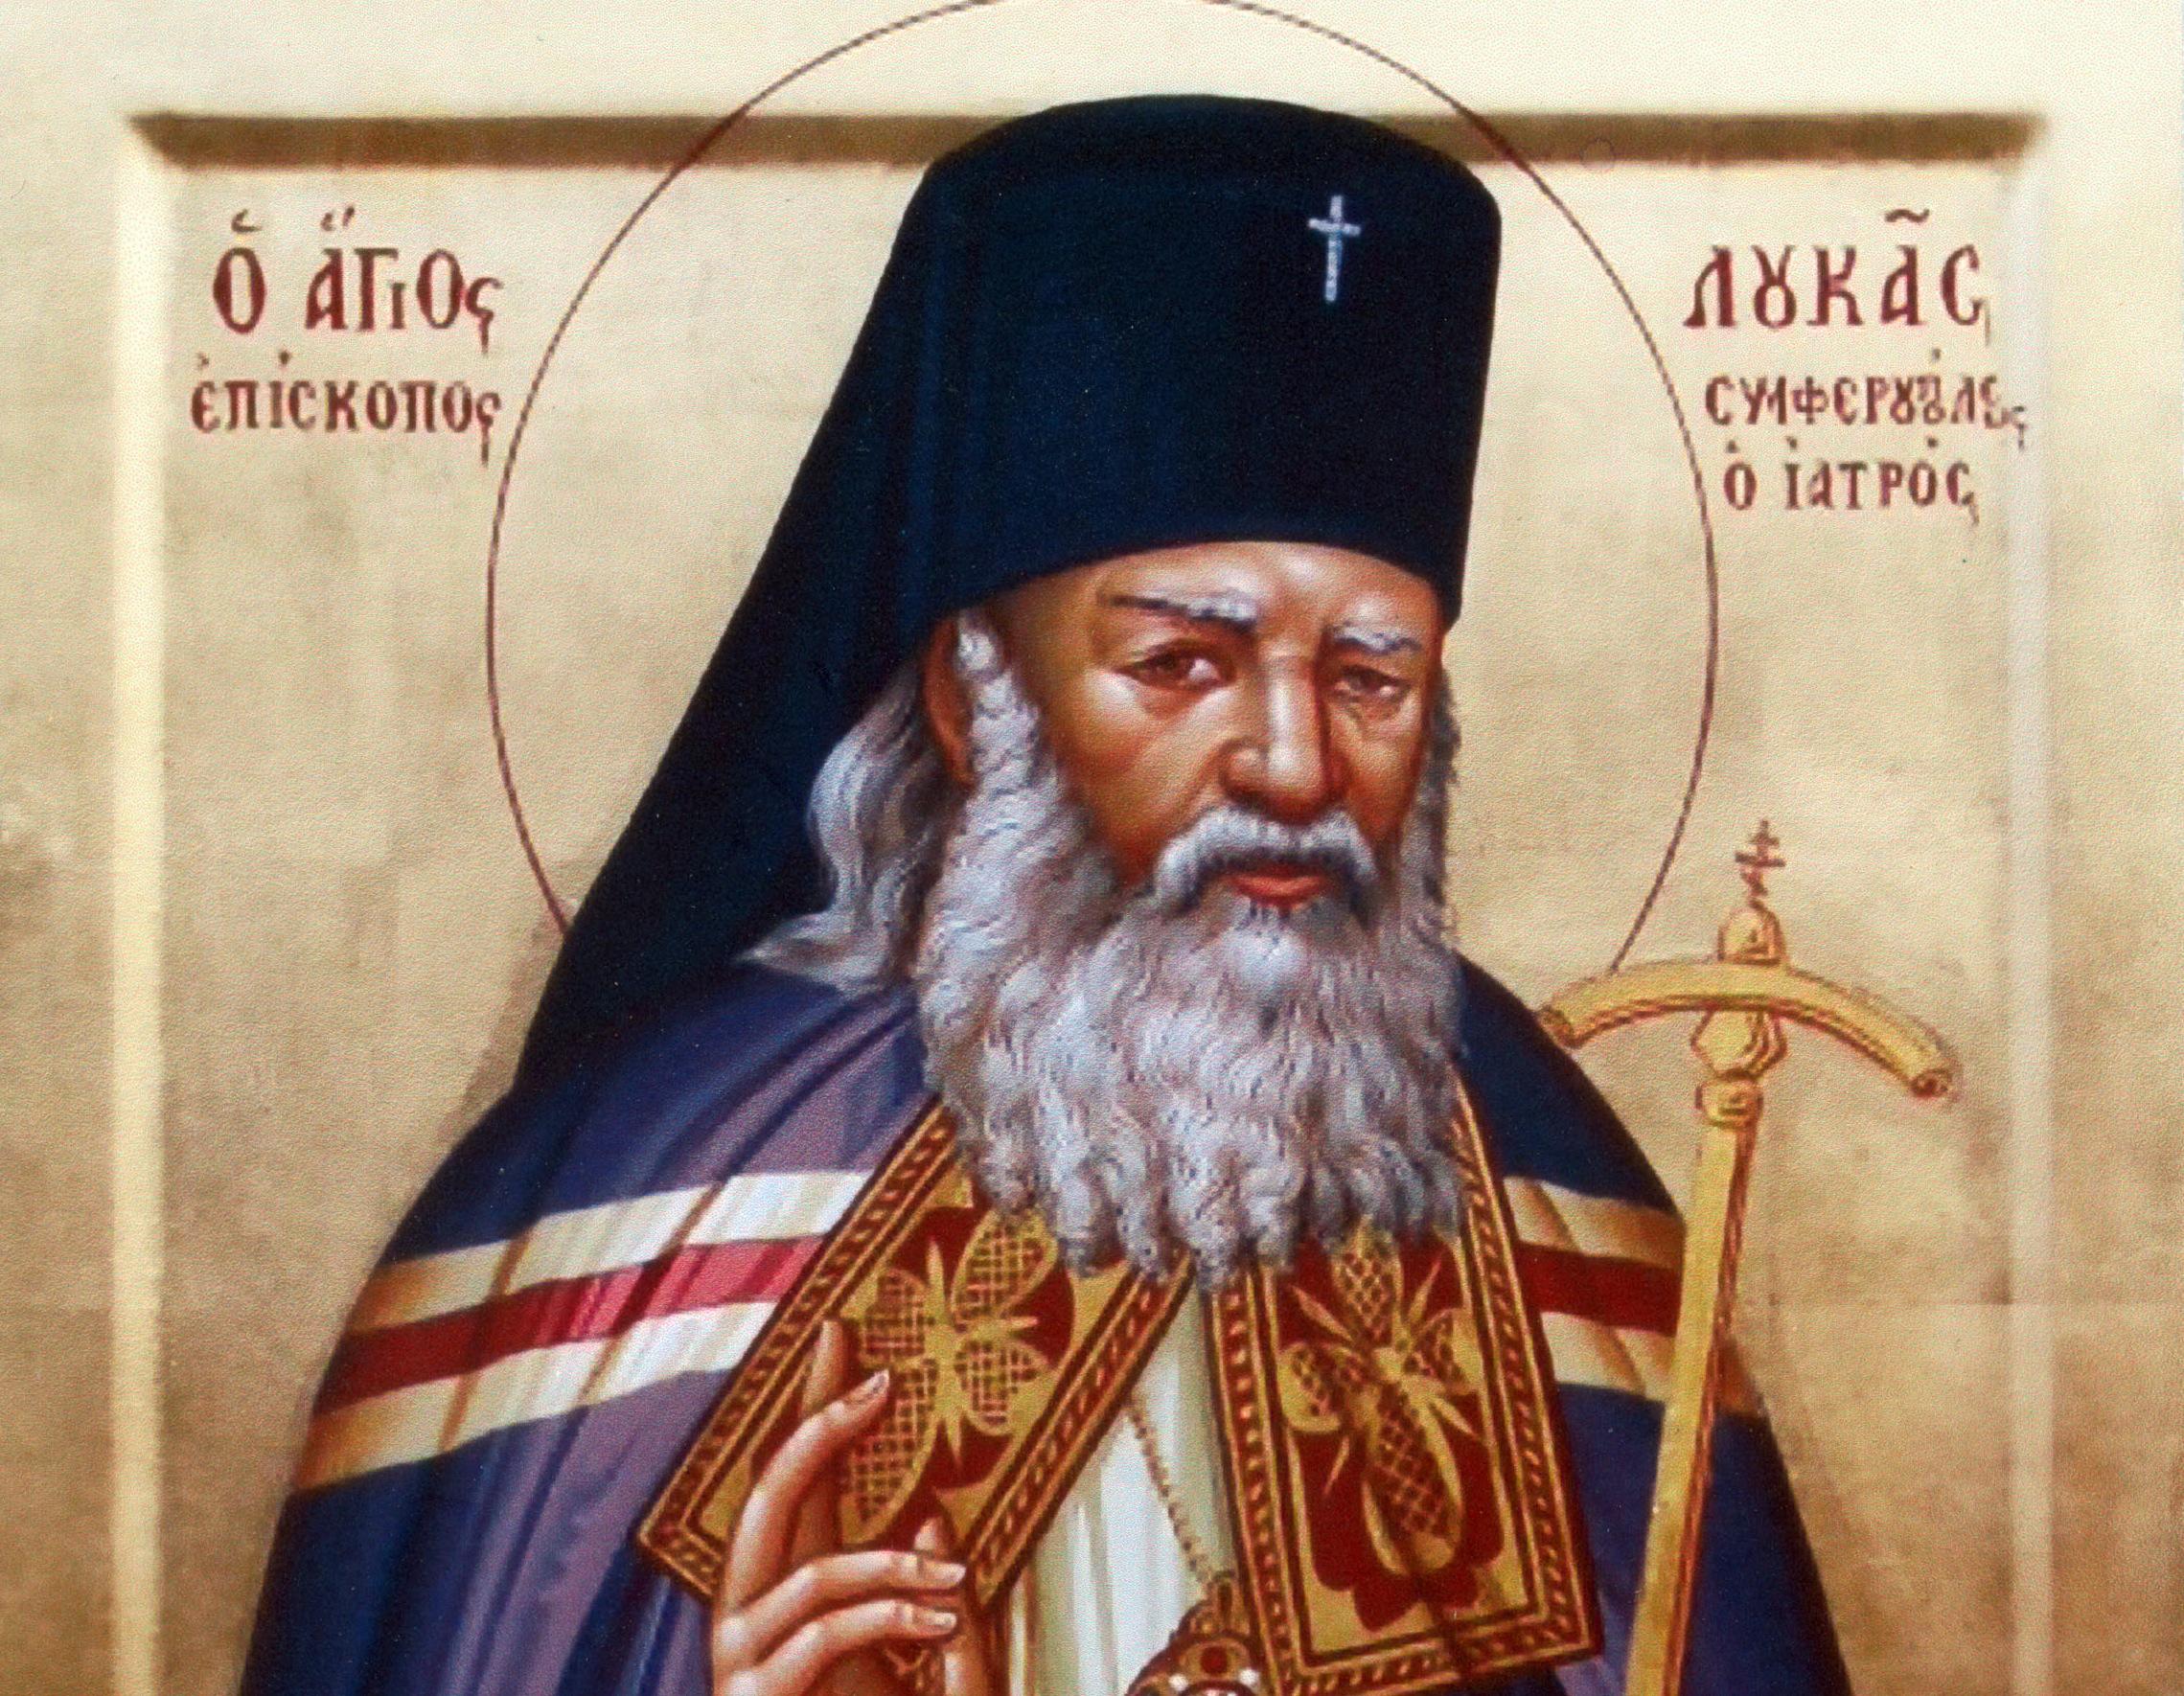 Θαύμα του Αγίου Λουκά αναφέρθηκε στο Πανόραμα